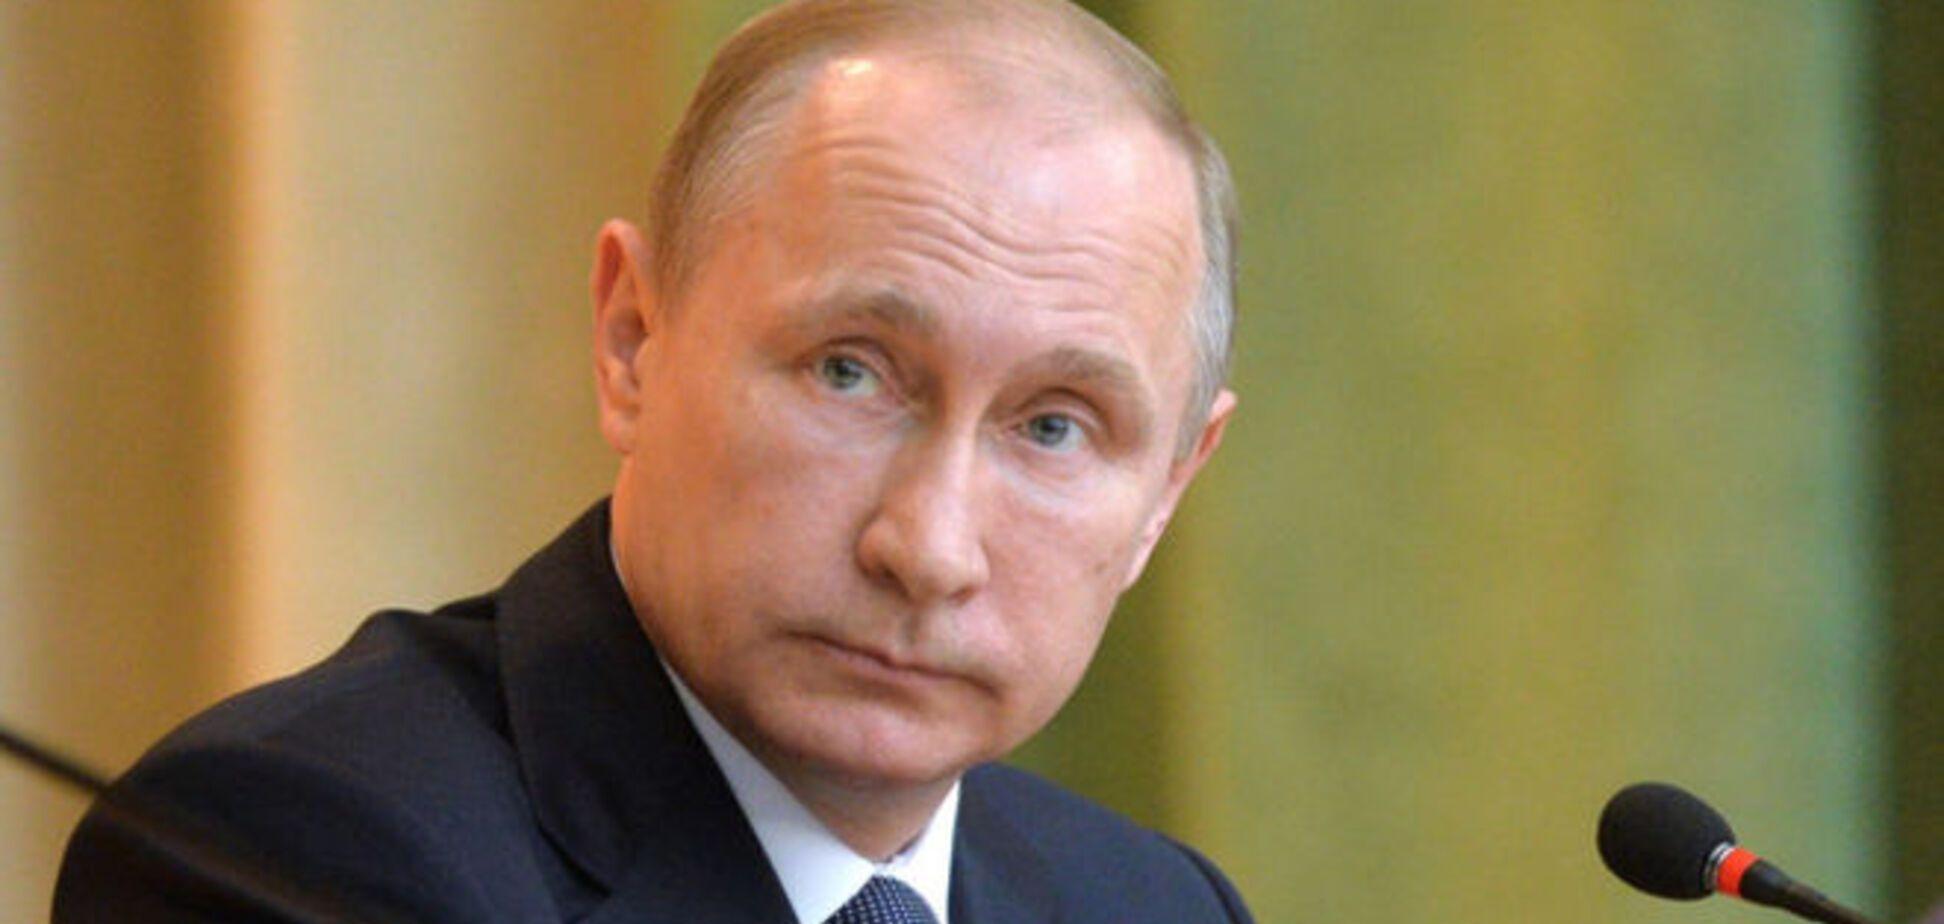 Астролог рассказал, куда мог исчезать в марте Путин